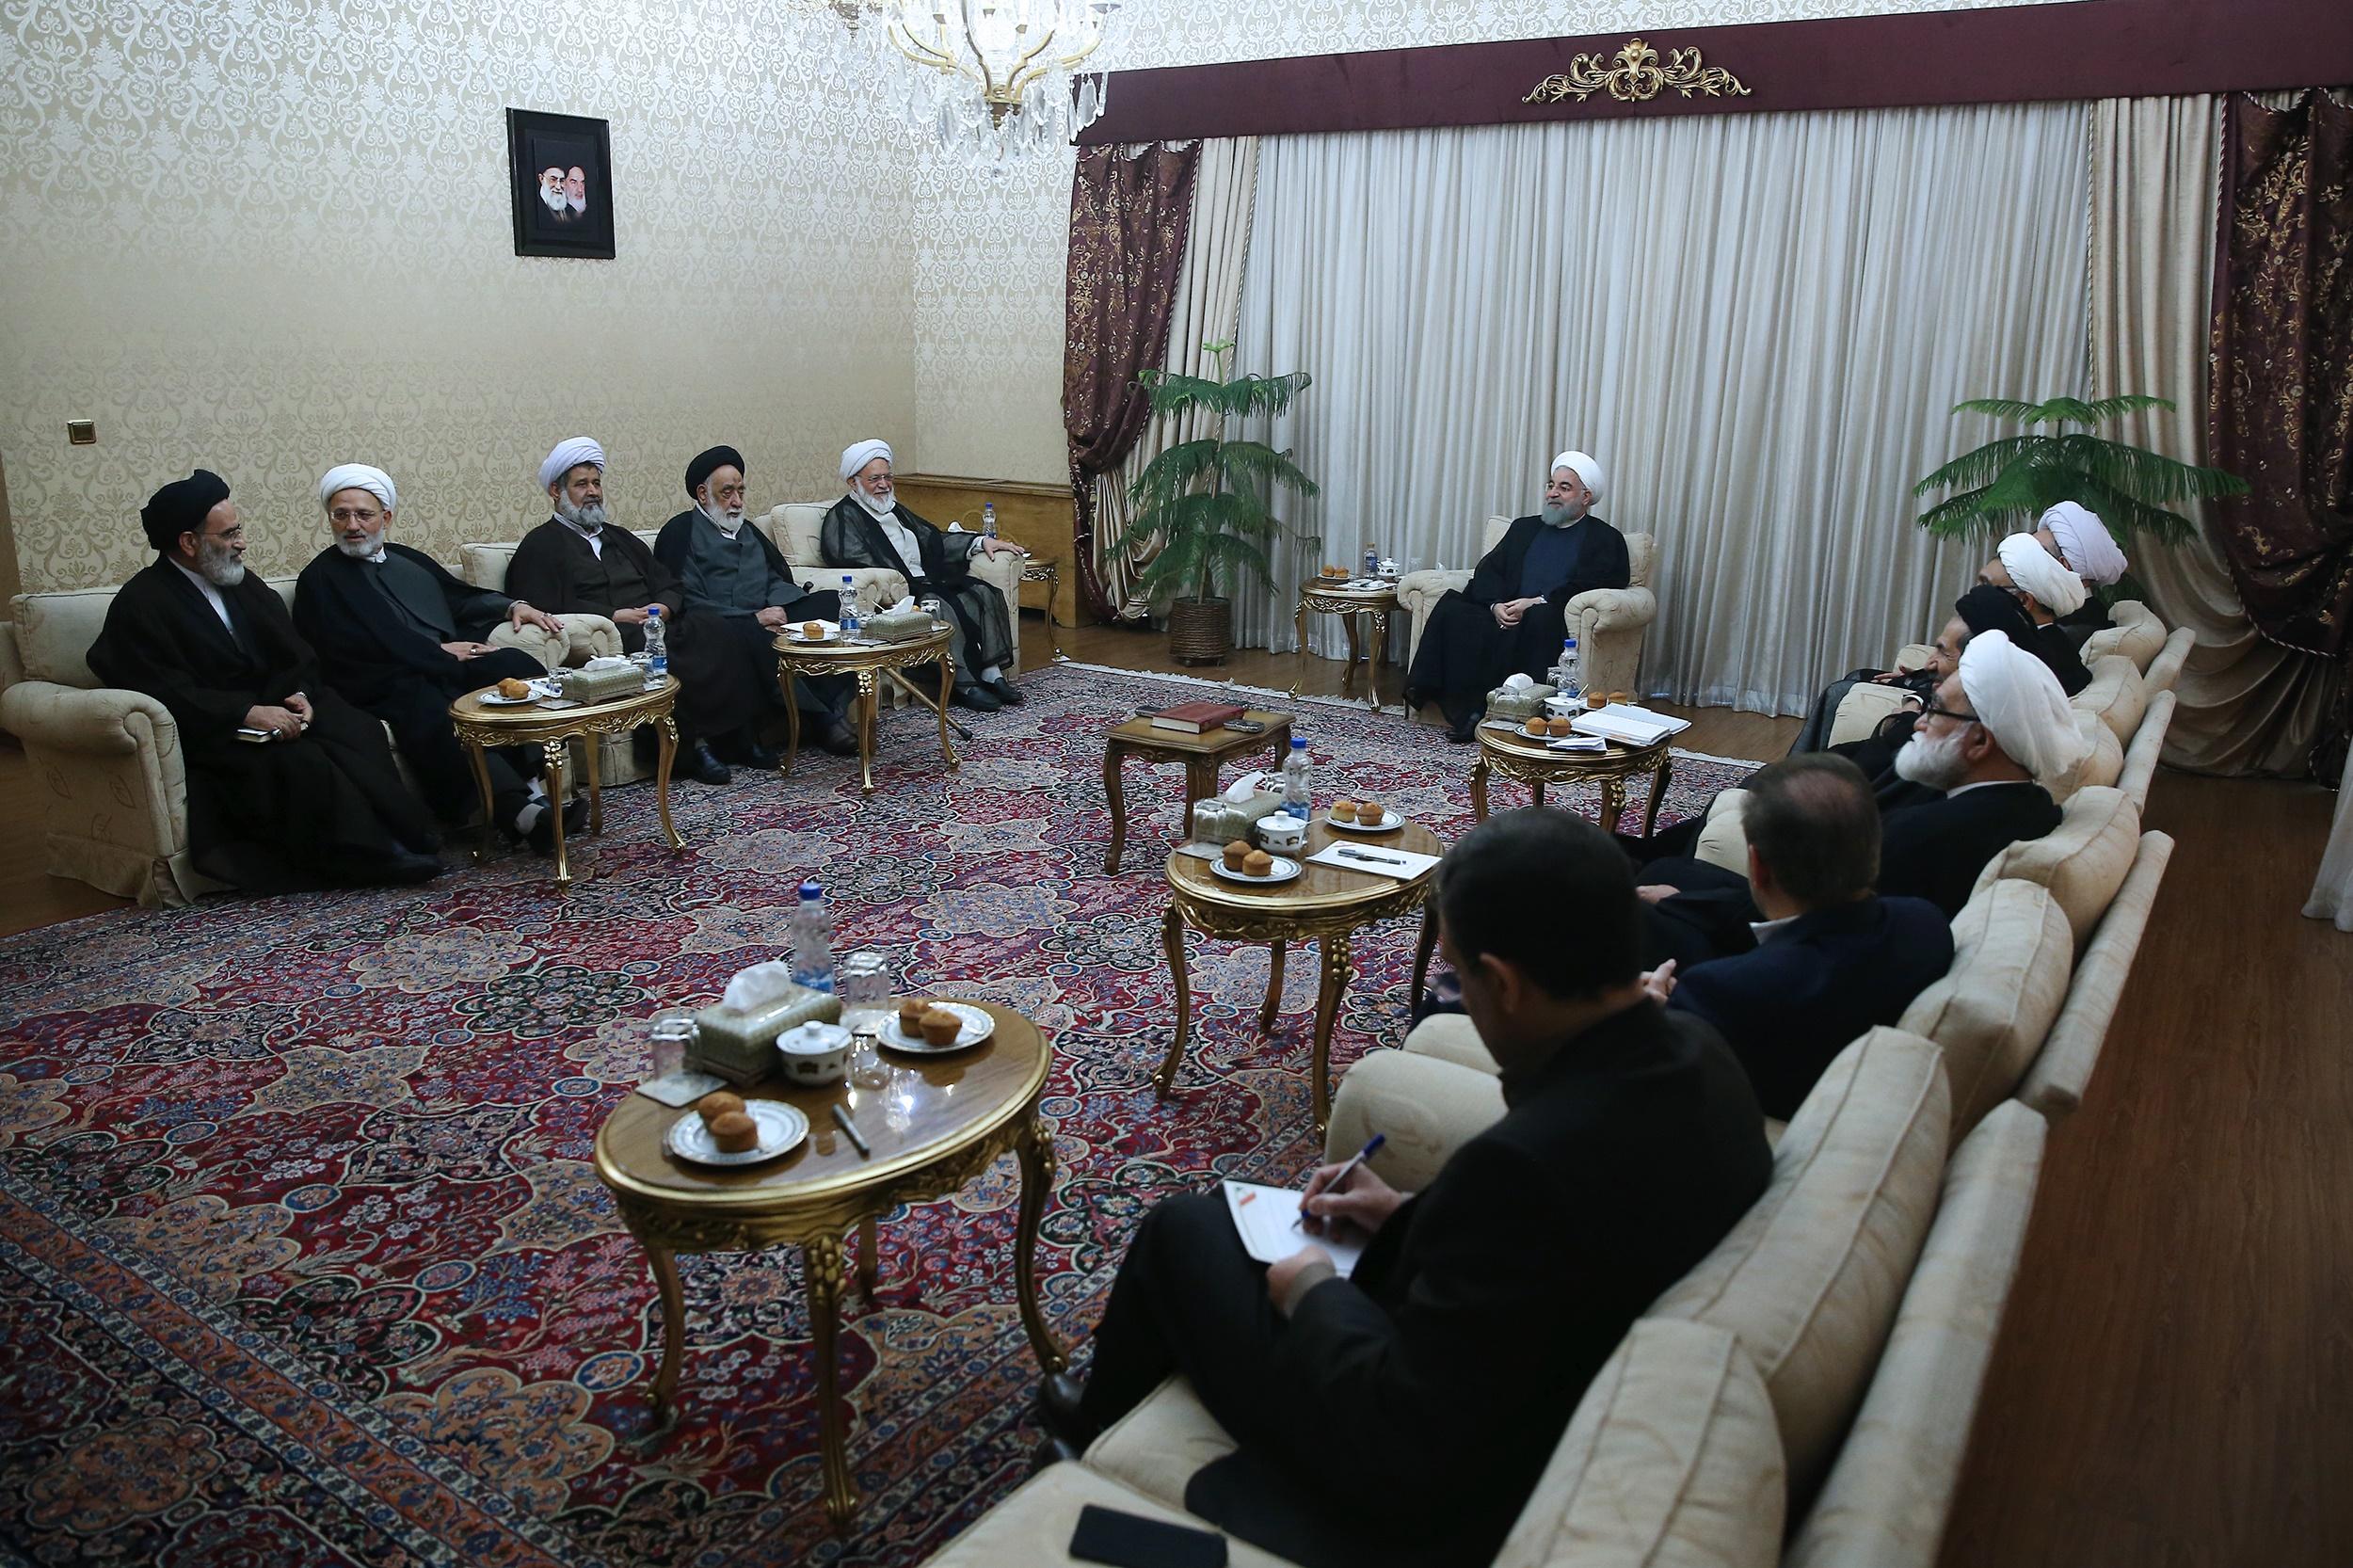 روحانی: همدلیقوا برای ساماندهیمشکلاتاقتصادی ضرورت دارد